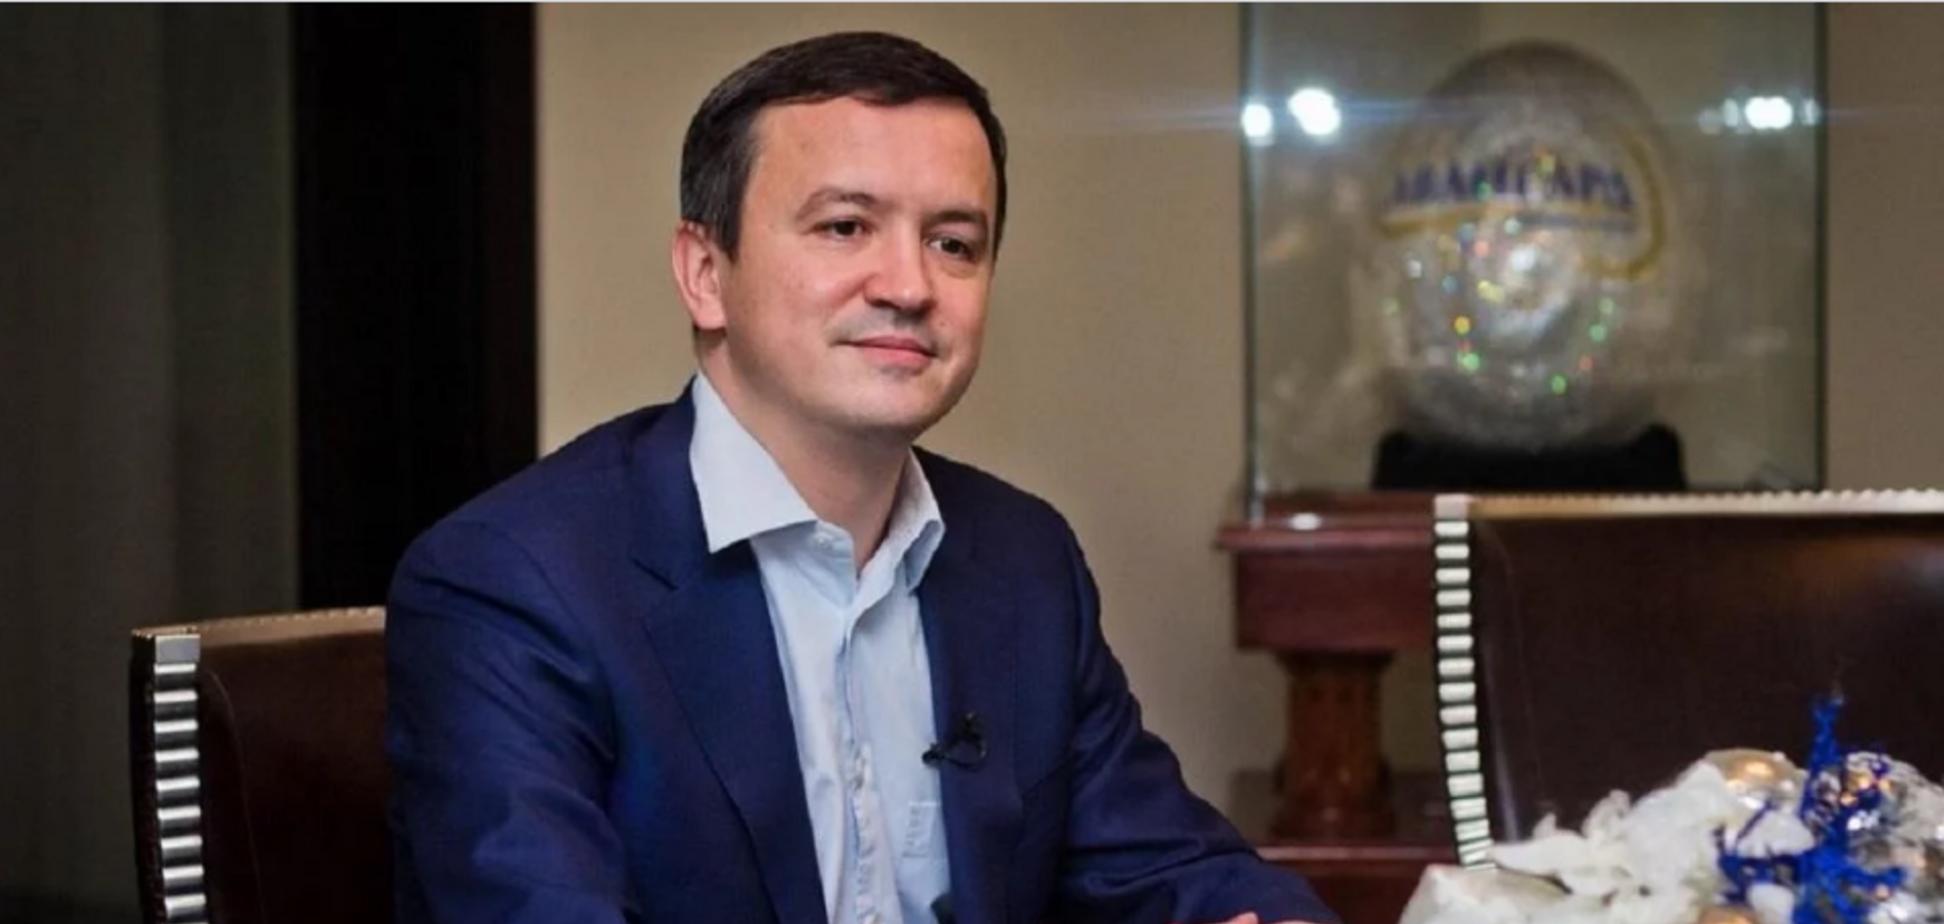 Закон об изменениях в Налоговый кодекс обсуждается, стране нужна дерегуляция - министр Петрашко